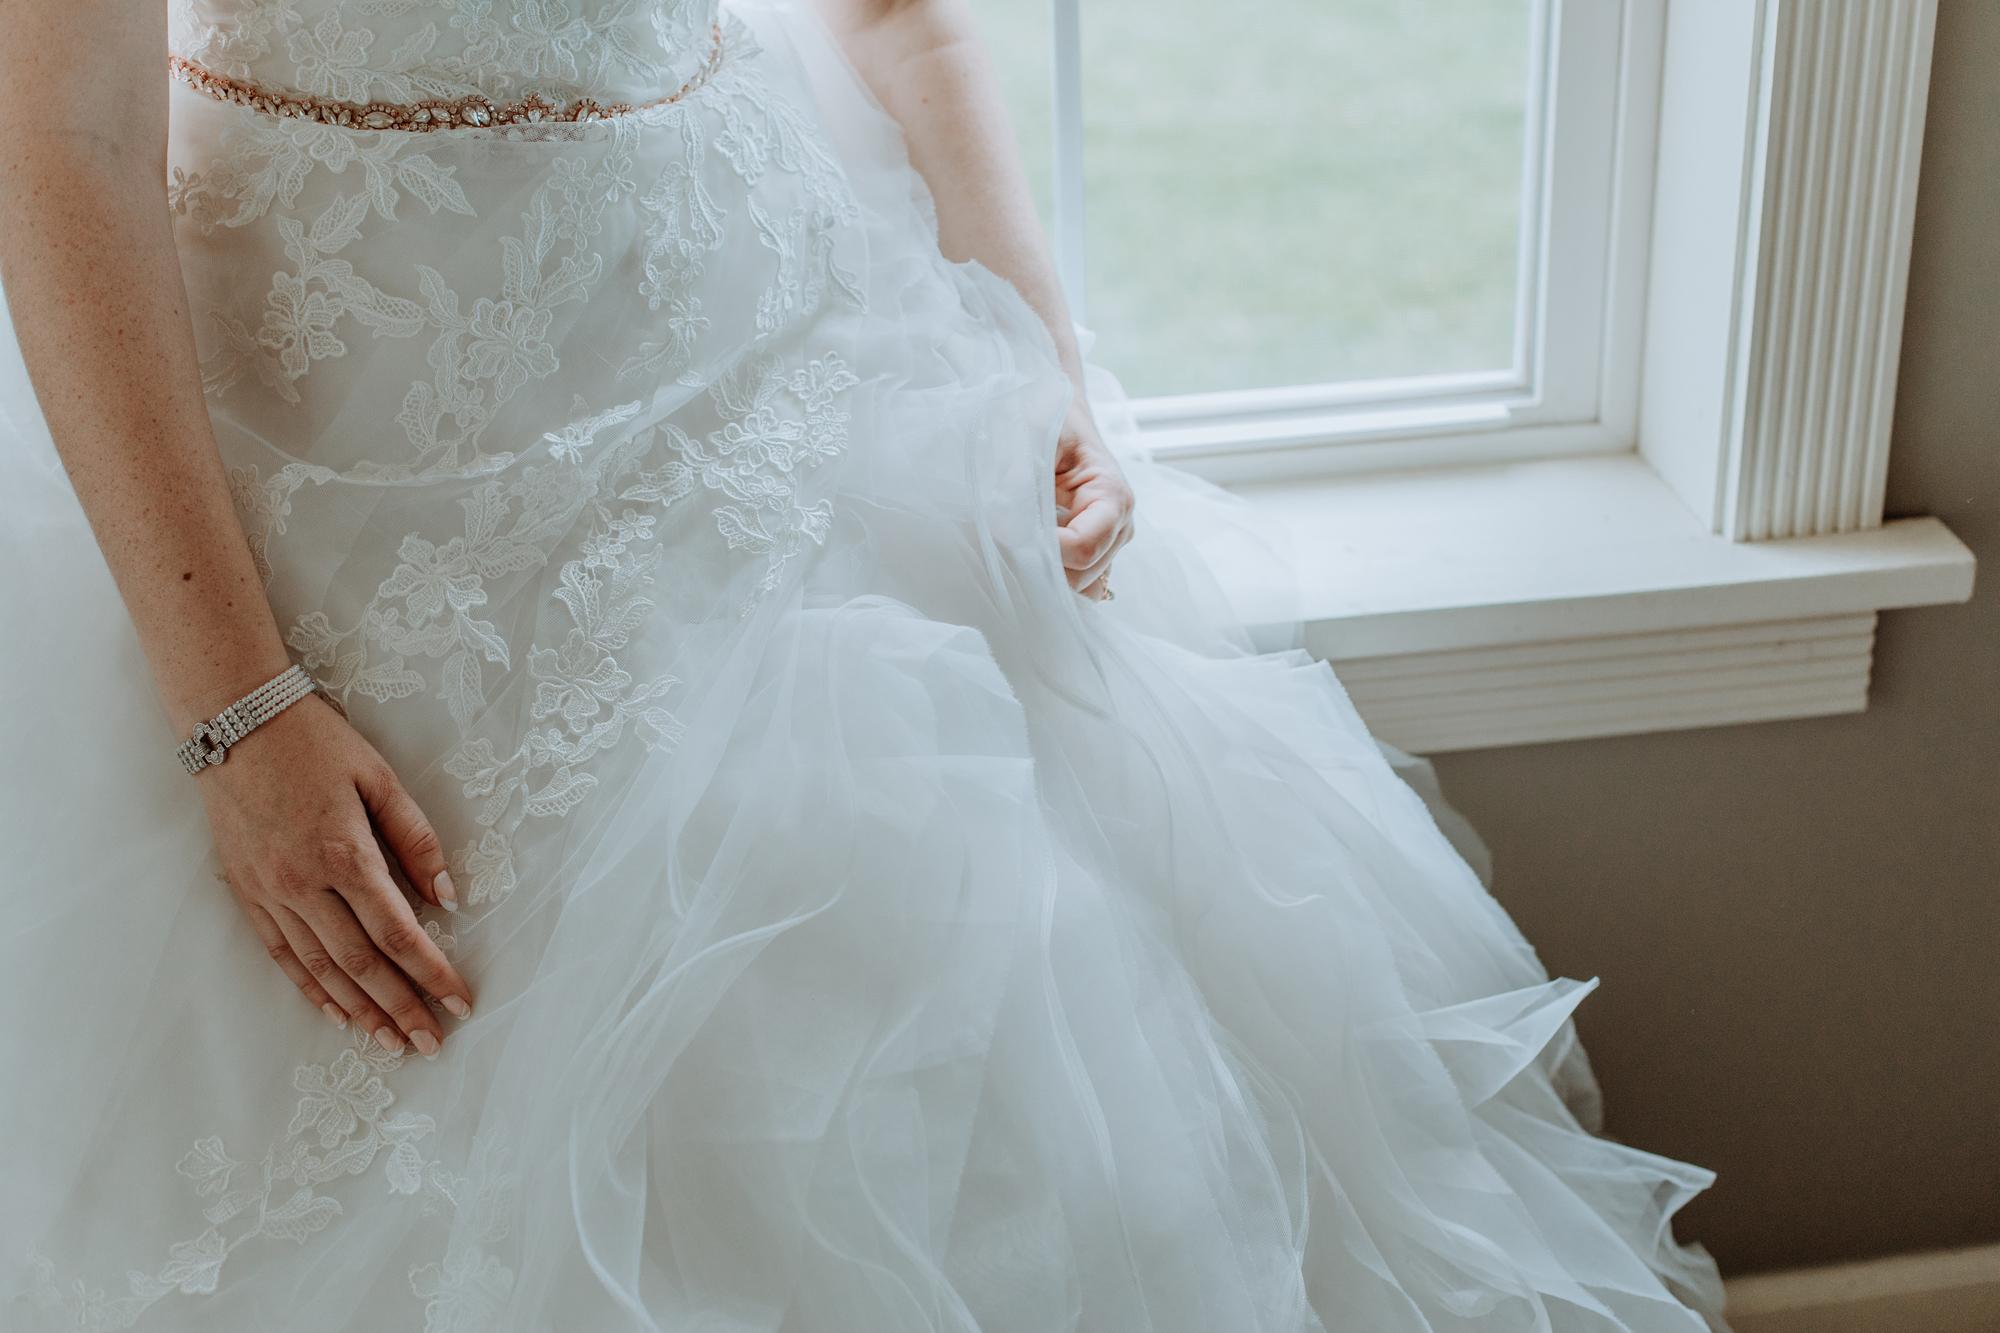 dress-closeup